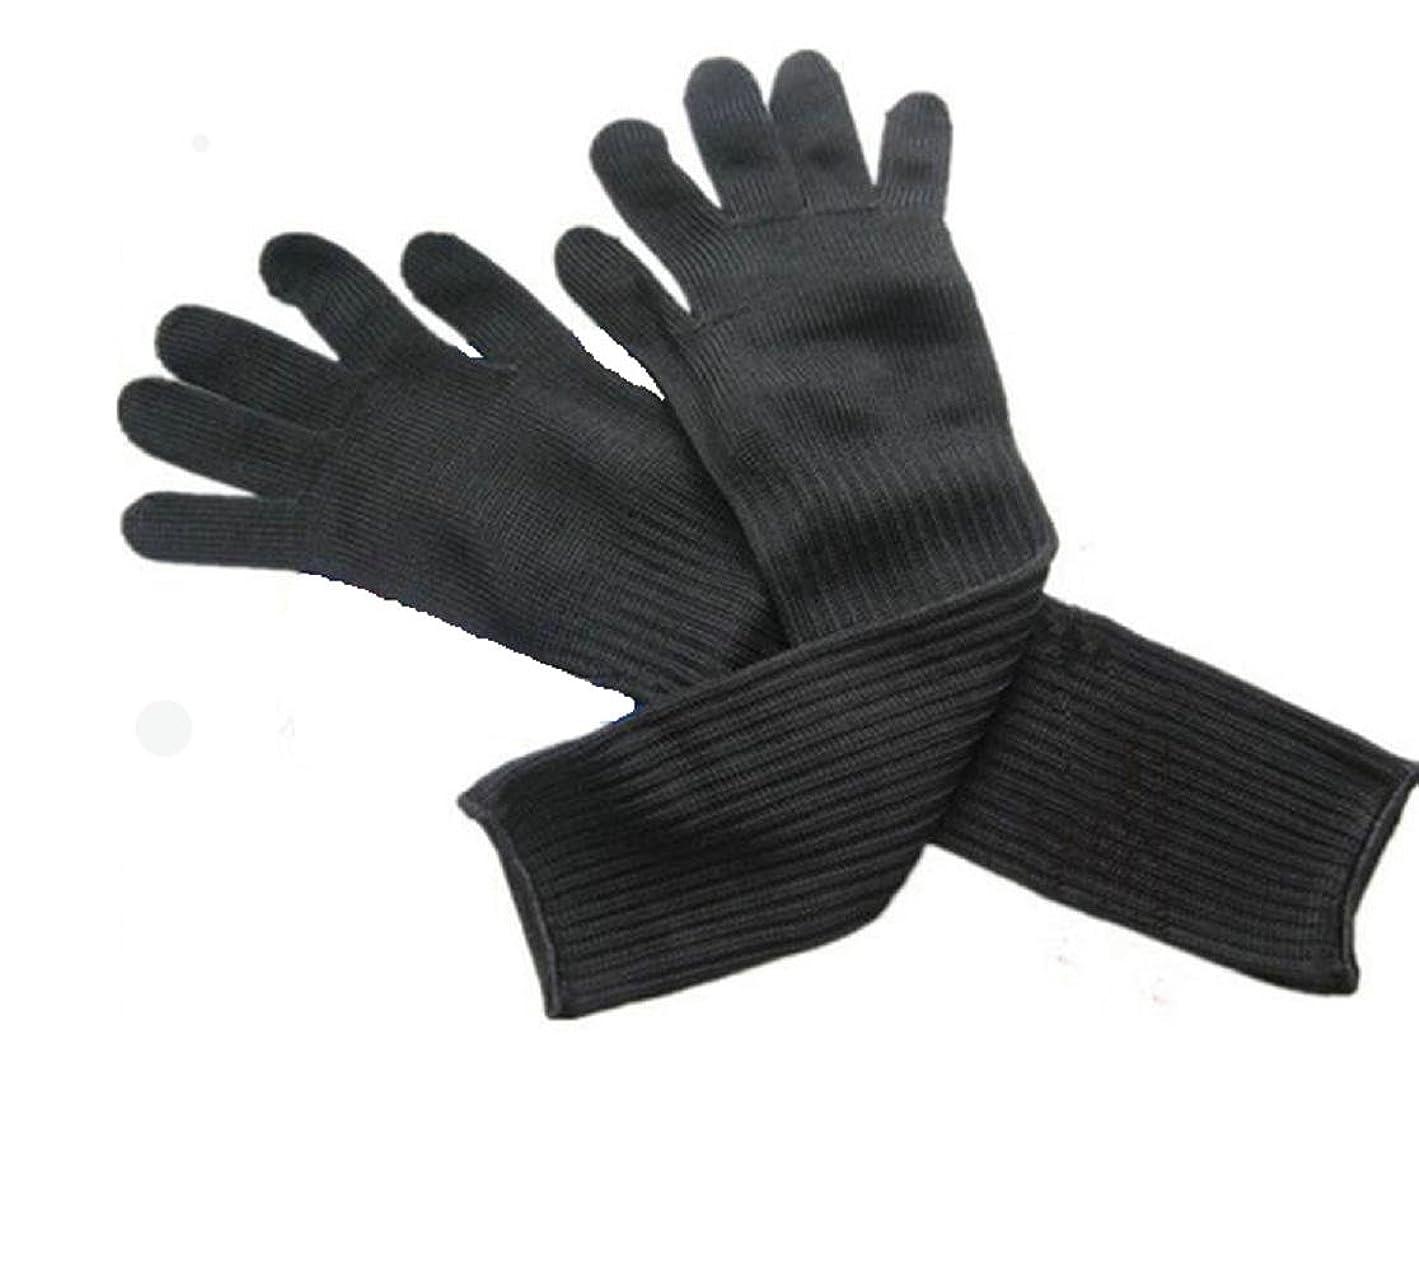 本部アウトドア保持するZMAYA STAR 切れない手袋 防刃長手袋 作業グローブ 耐切創手袋 耐磨耗性 腕も保護 防刃スリーブ 手首 ヒジをがっちりガード ZA-FGST-6